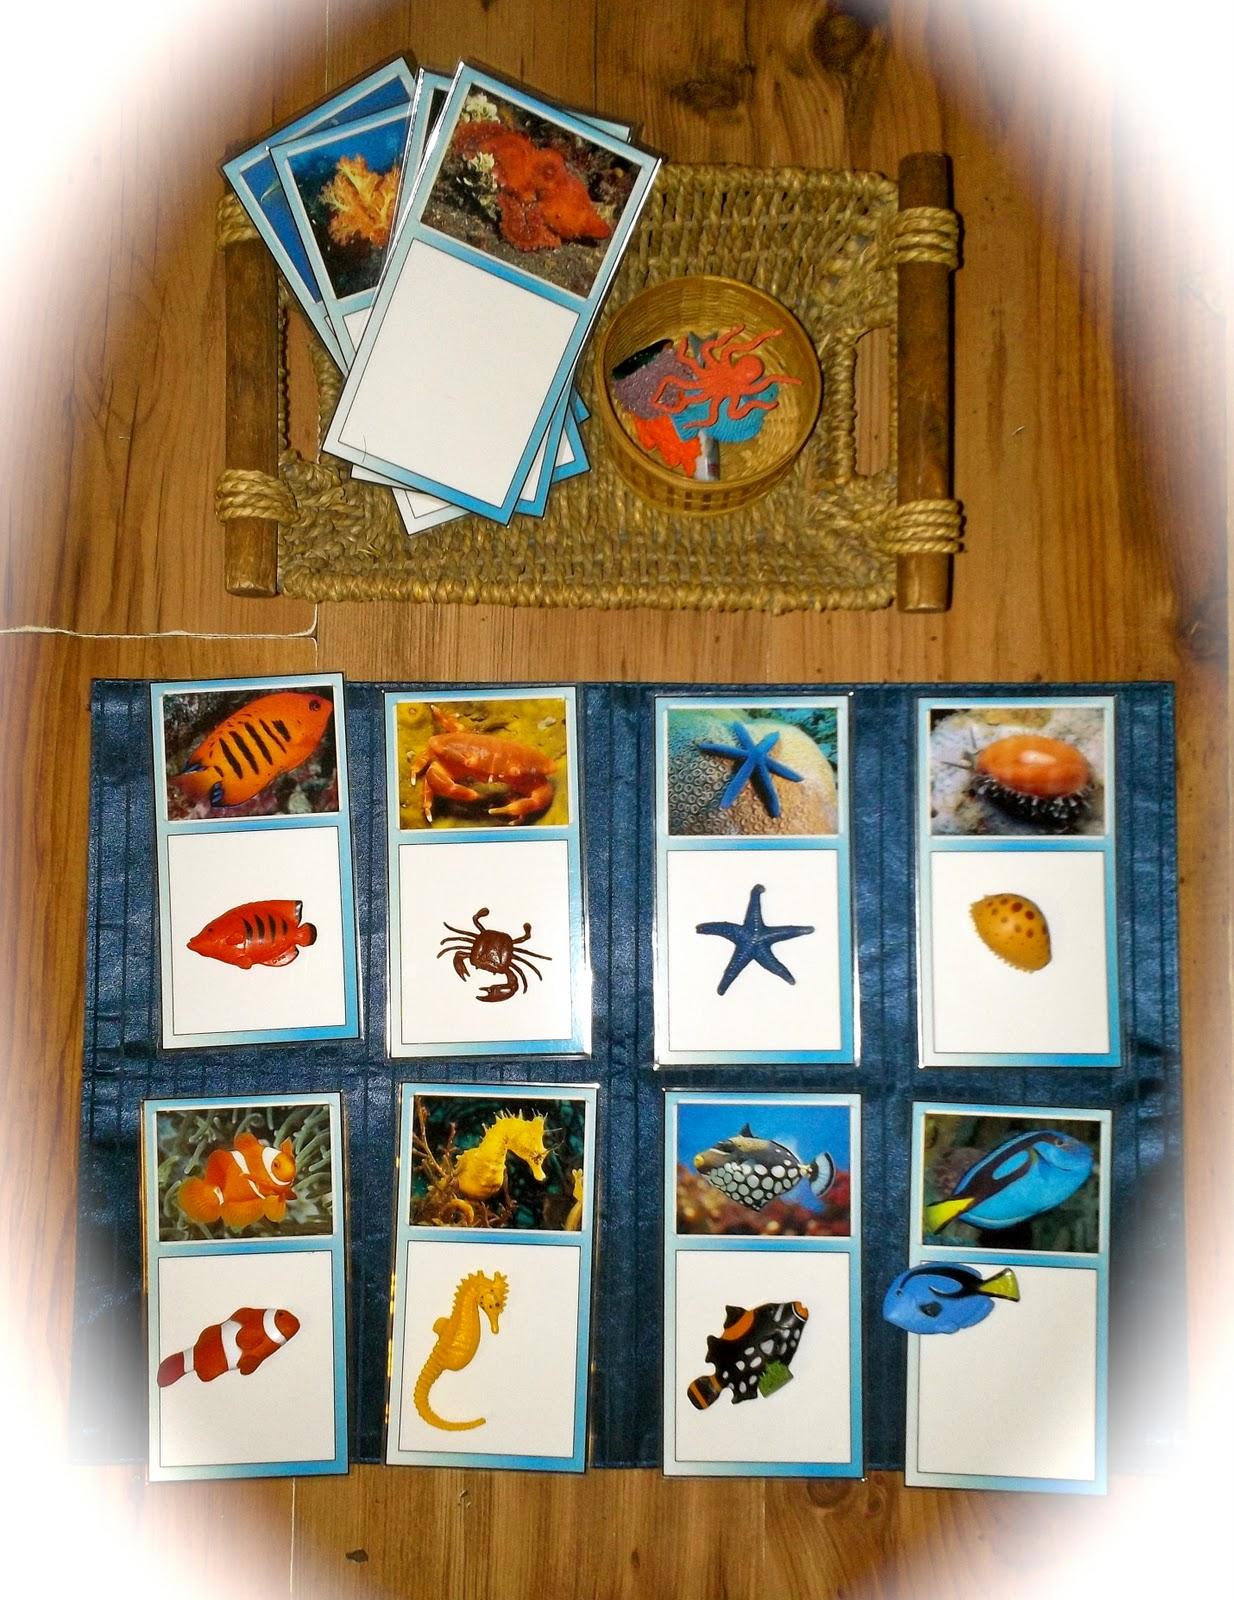 The Helpful Garden Montessori Ocean Animals Matching Game